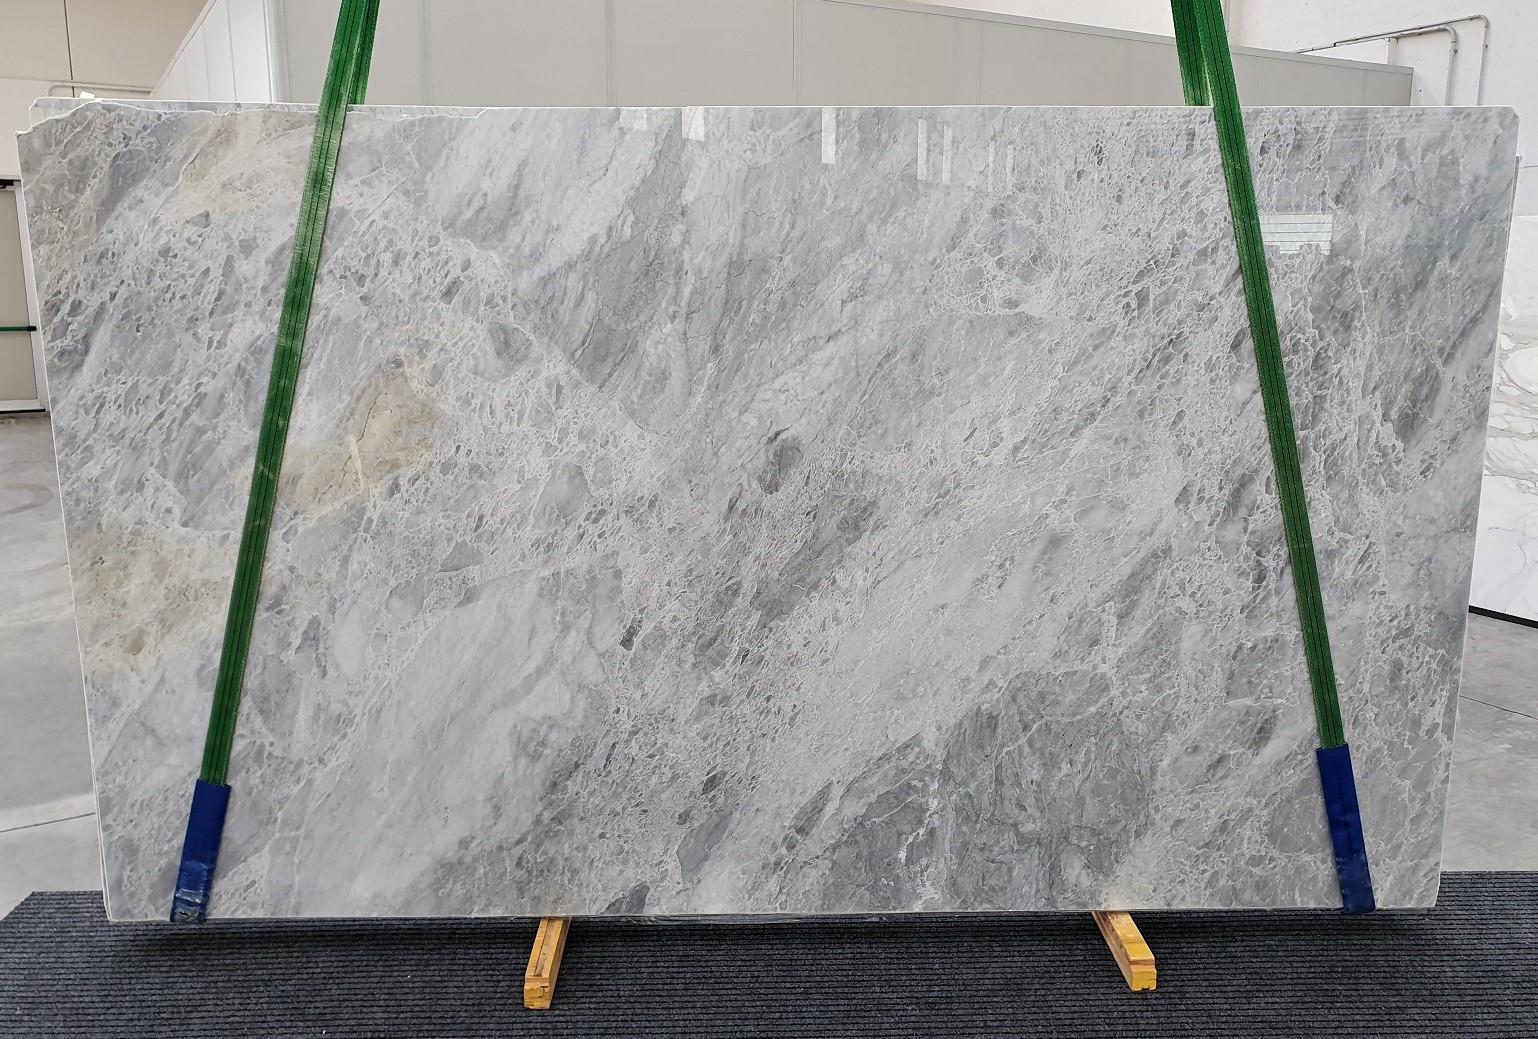 TRAMBISERA polierte Unmaßplatten 1293 aus Natur Marmor , Slab #08: Lieferung Veneto, Italien